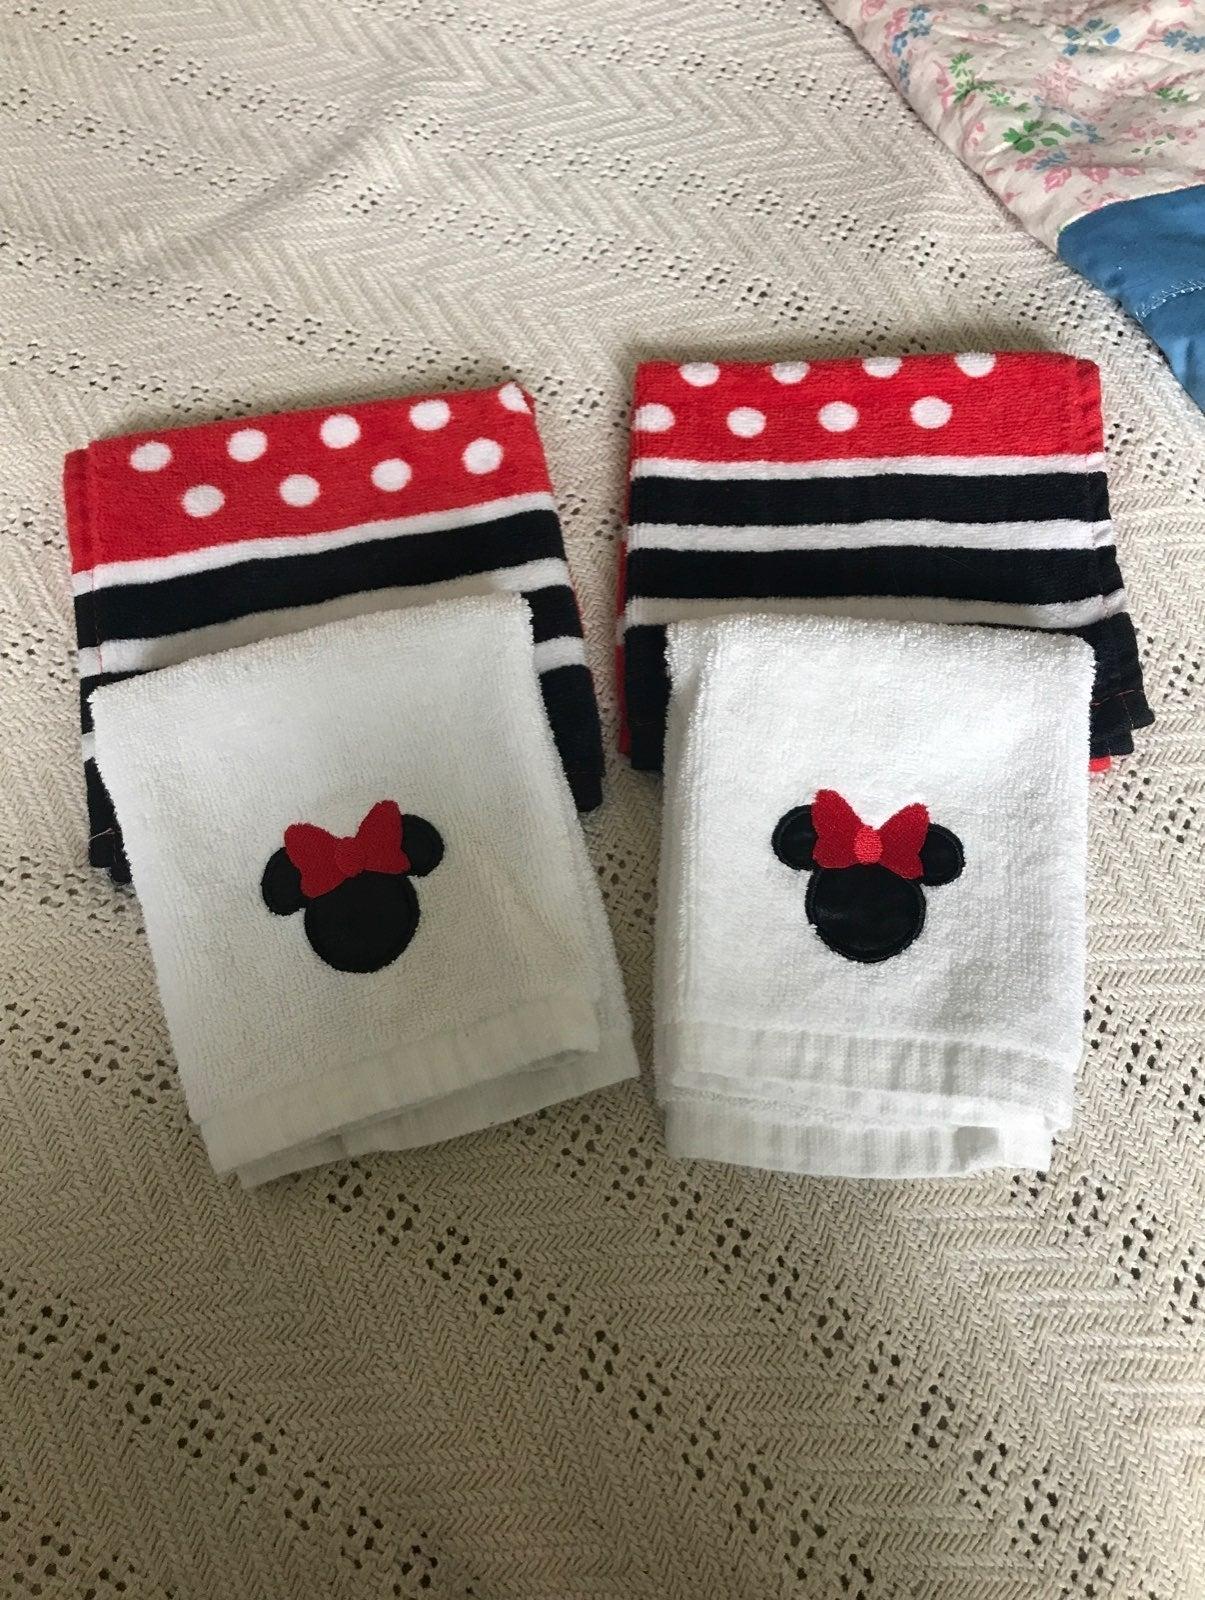 Disney Washcloths